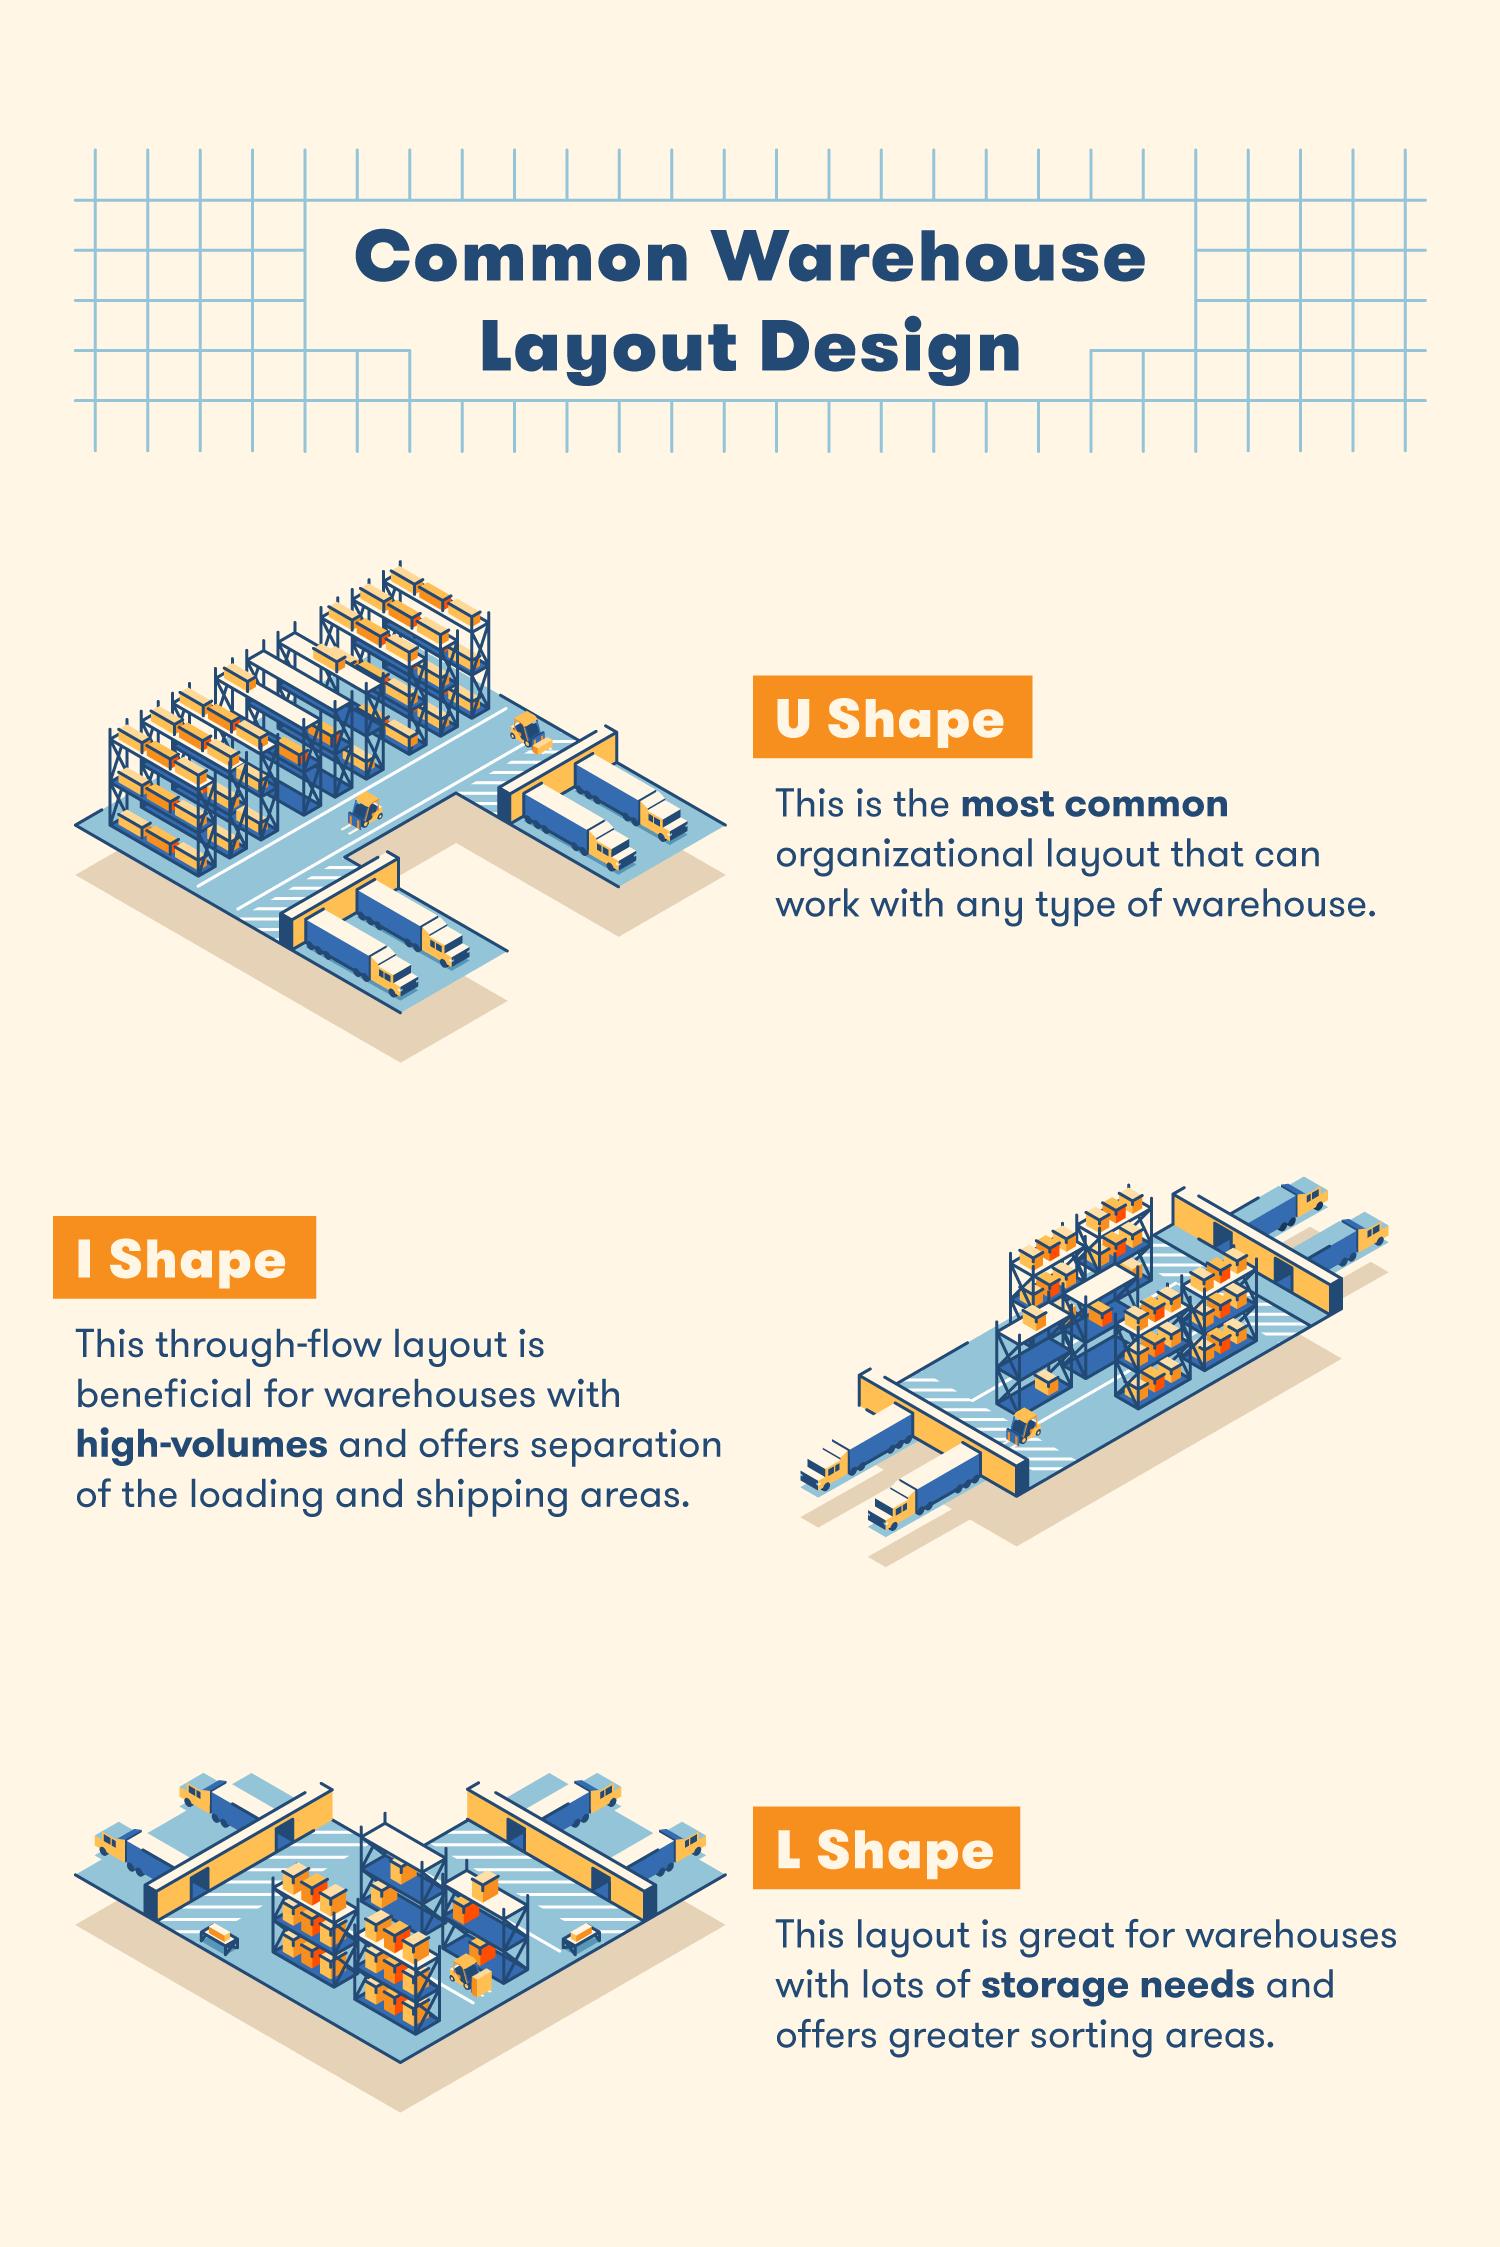 200610 PART III common-warehouse-layout-design